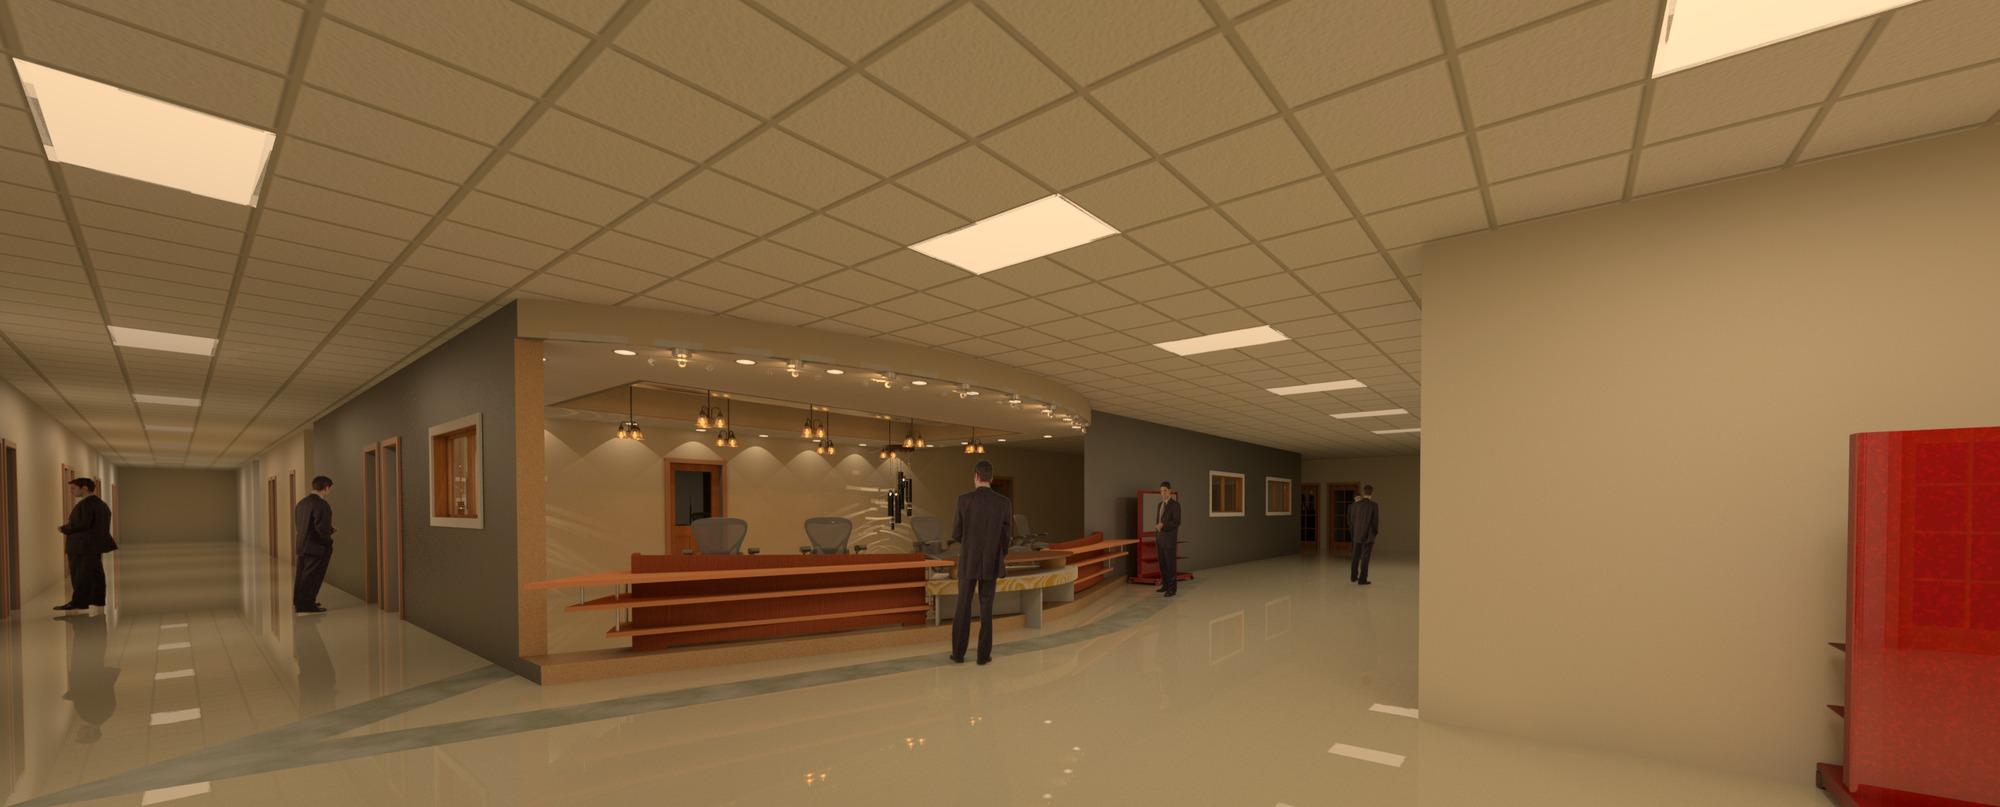 Raas-rendering20150330-3438-1rkvfgk